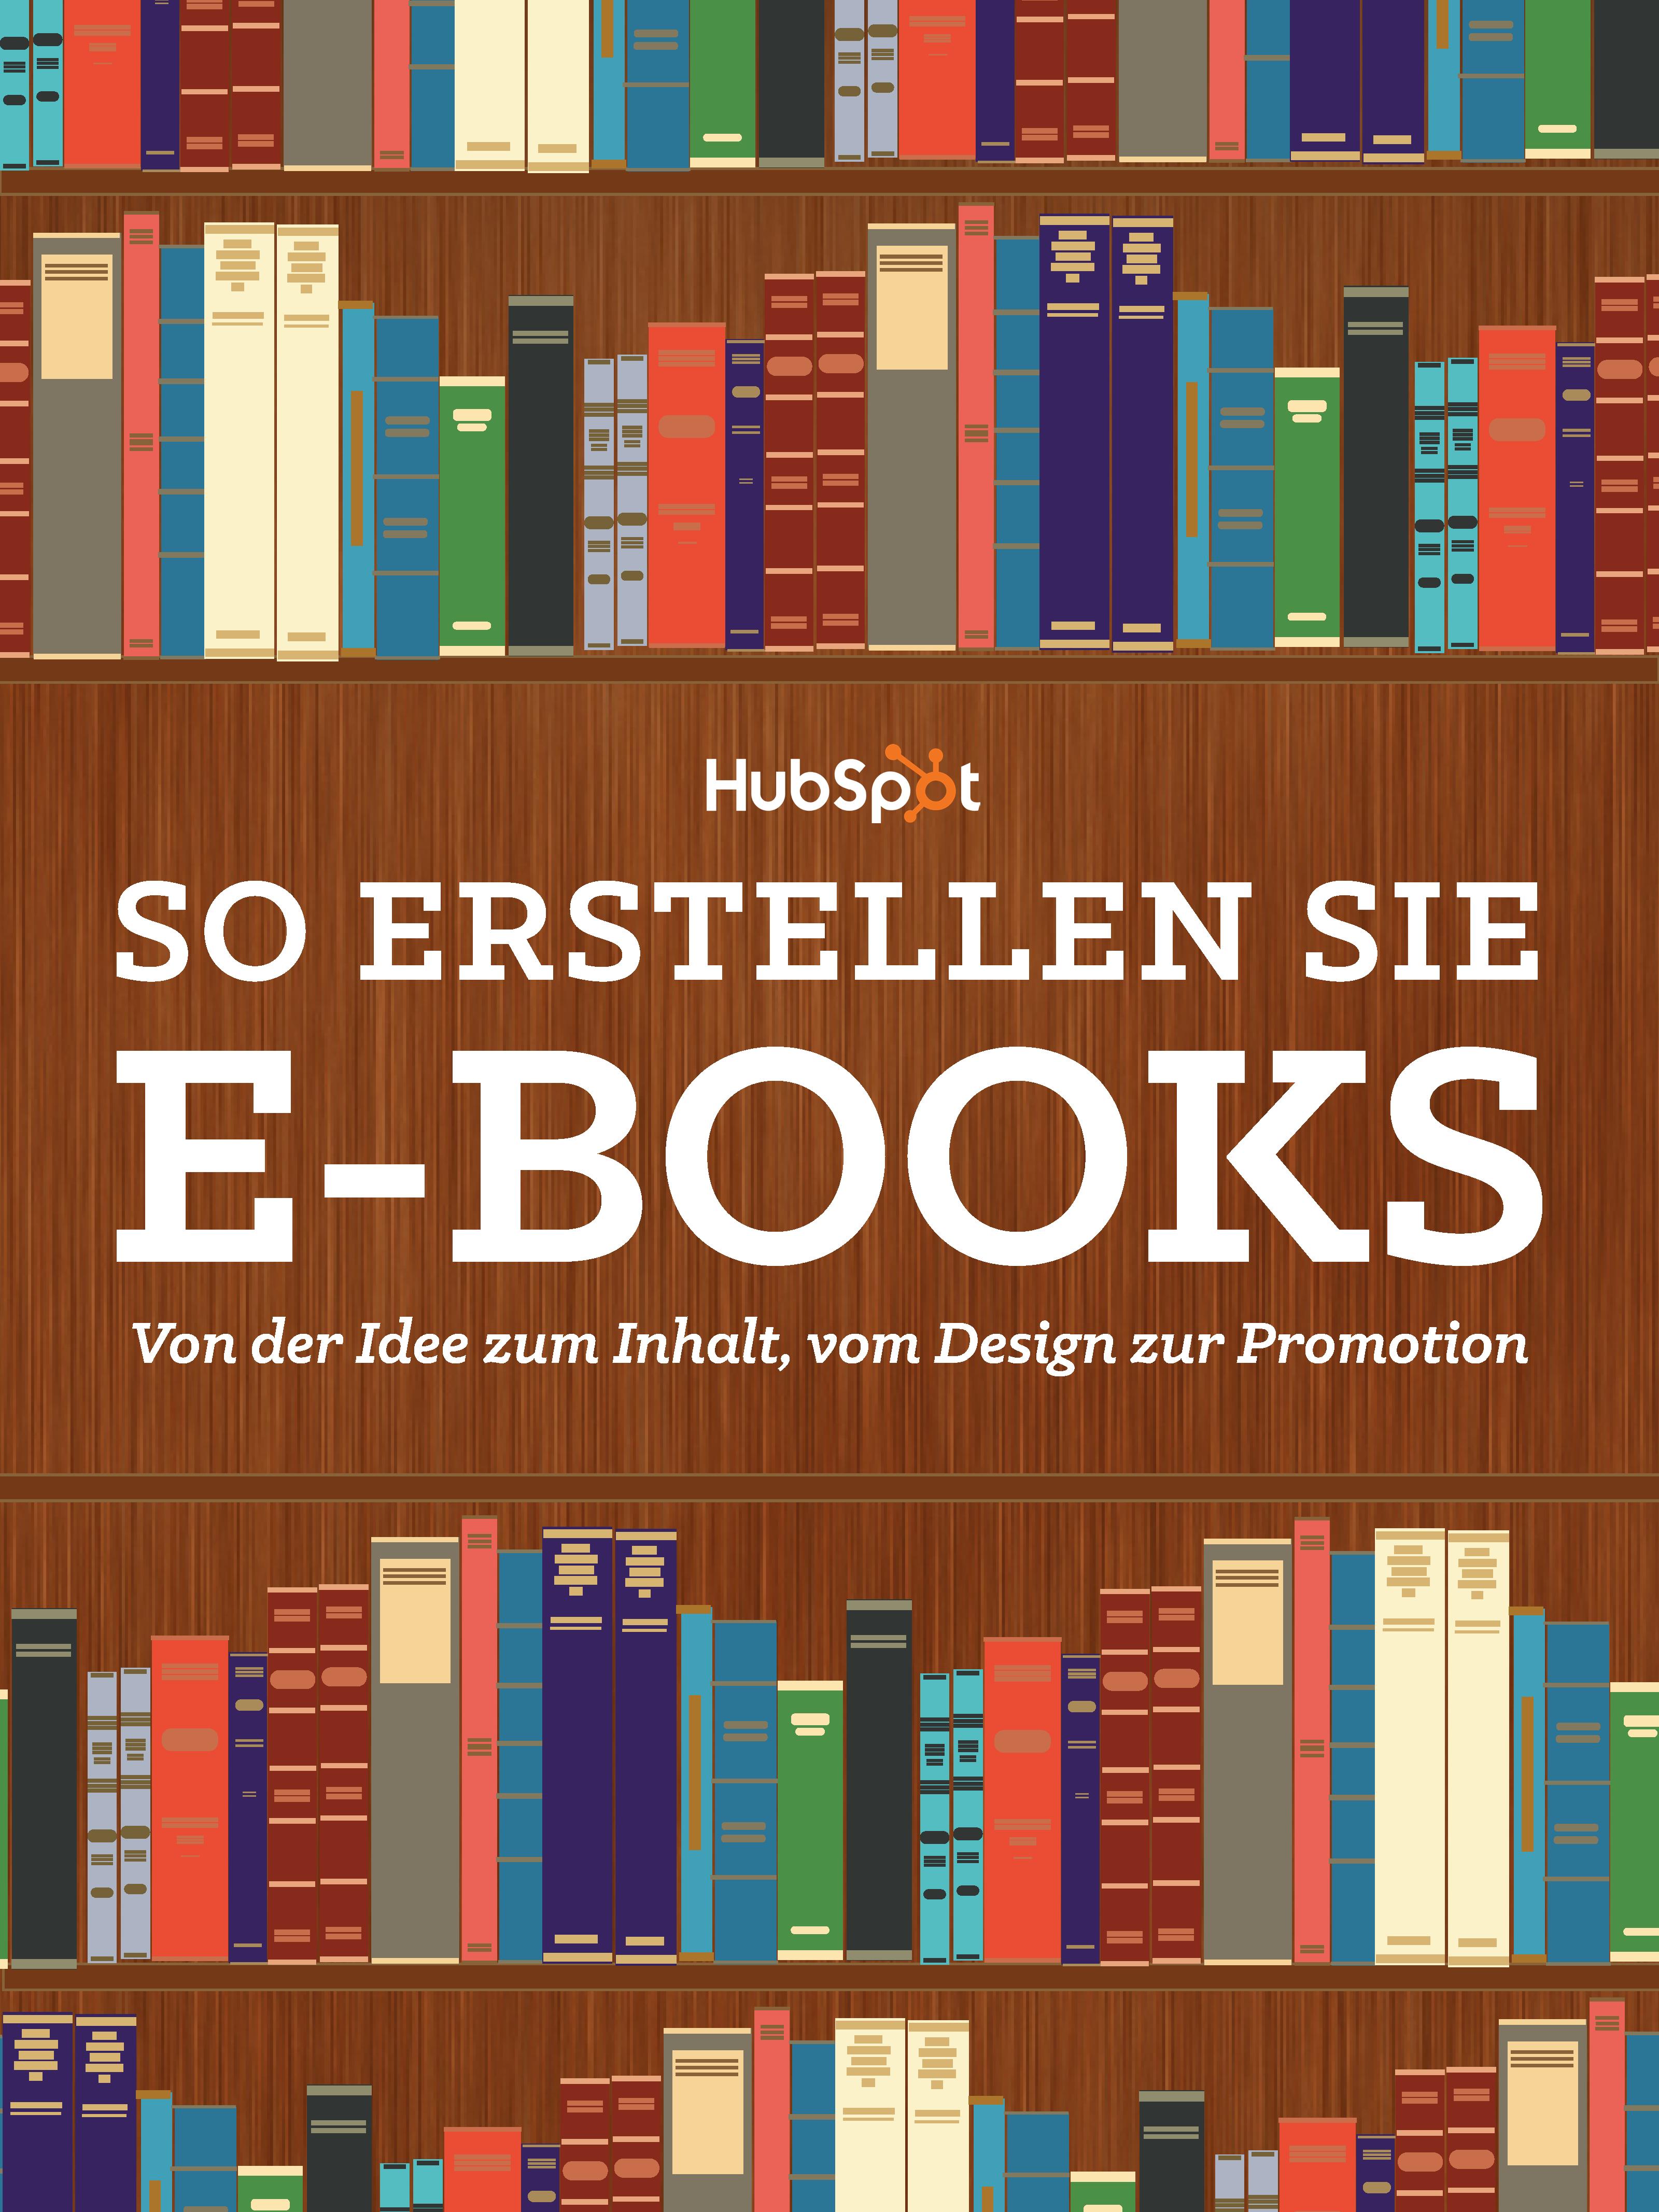 HubSpot-So-erstellen-Sie-E-Books-Vorschau-1